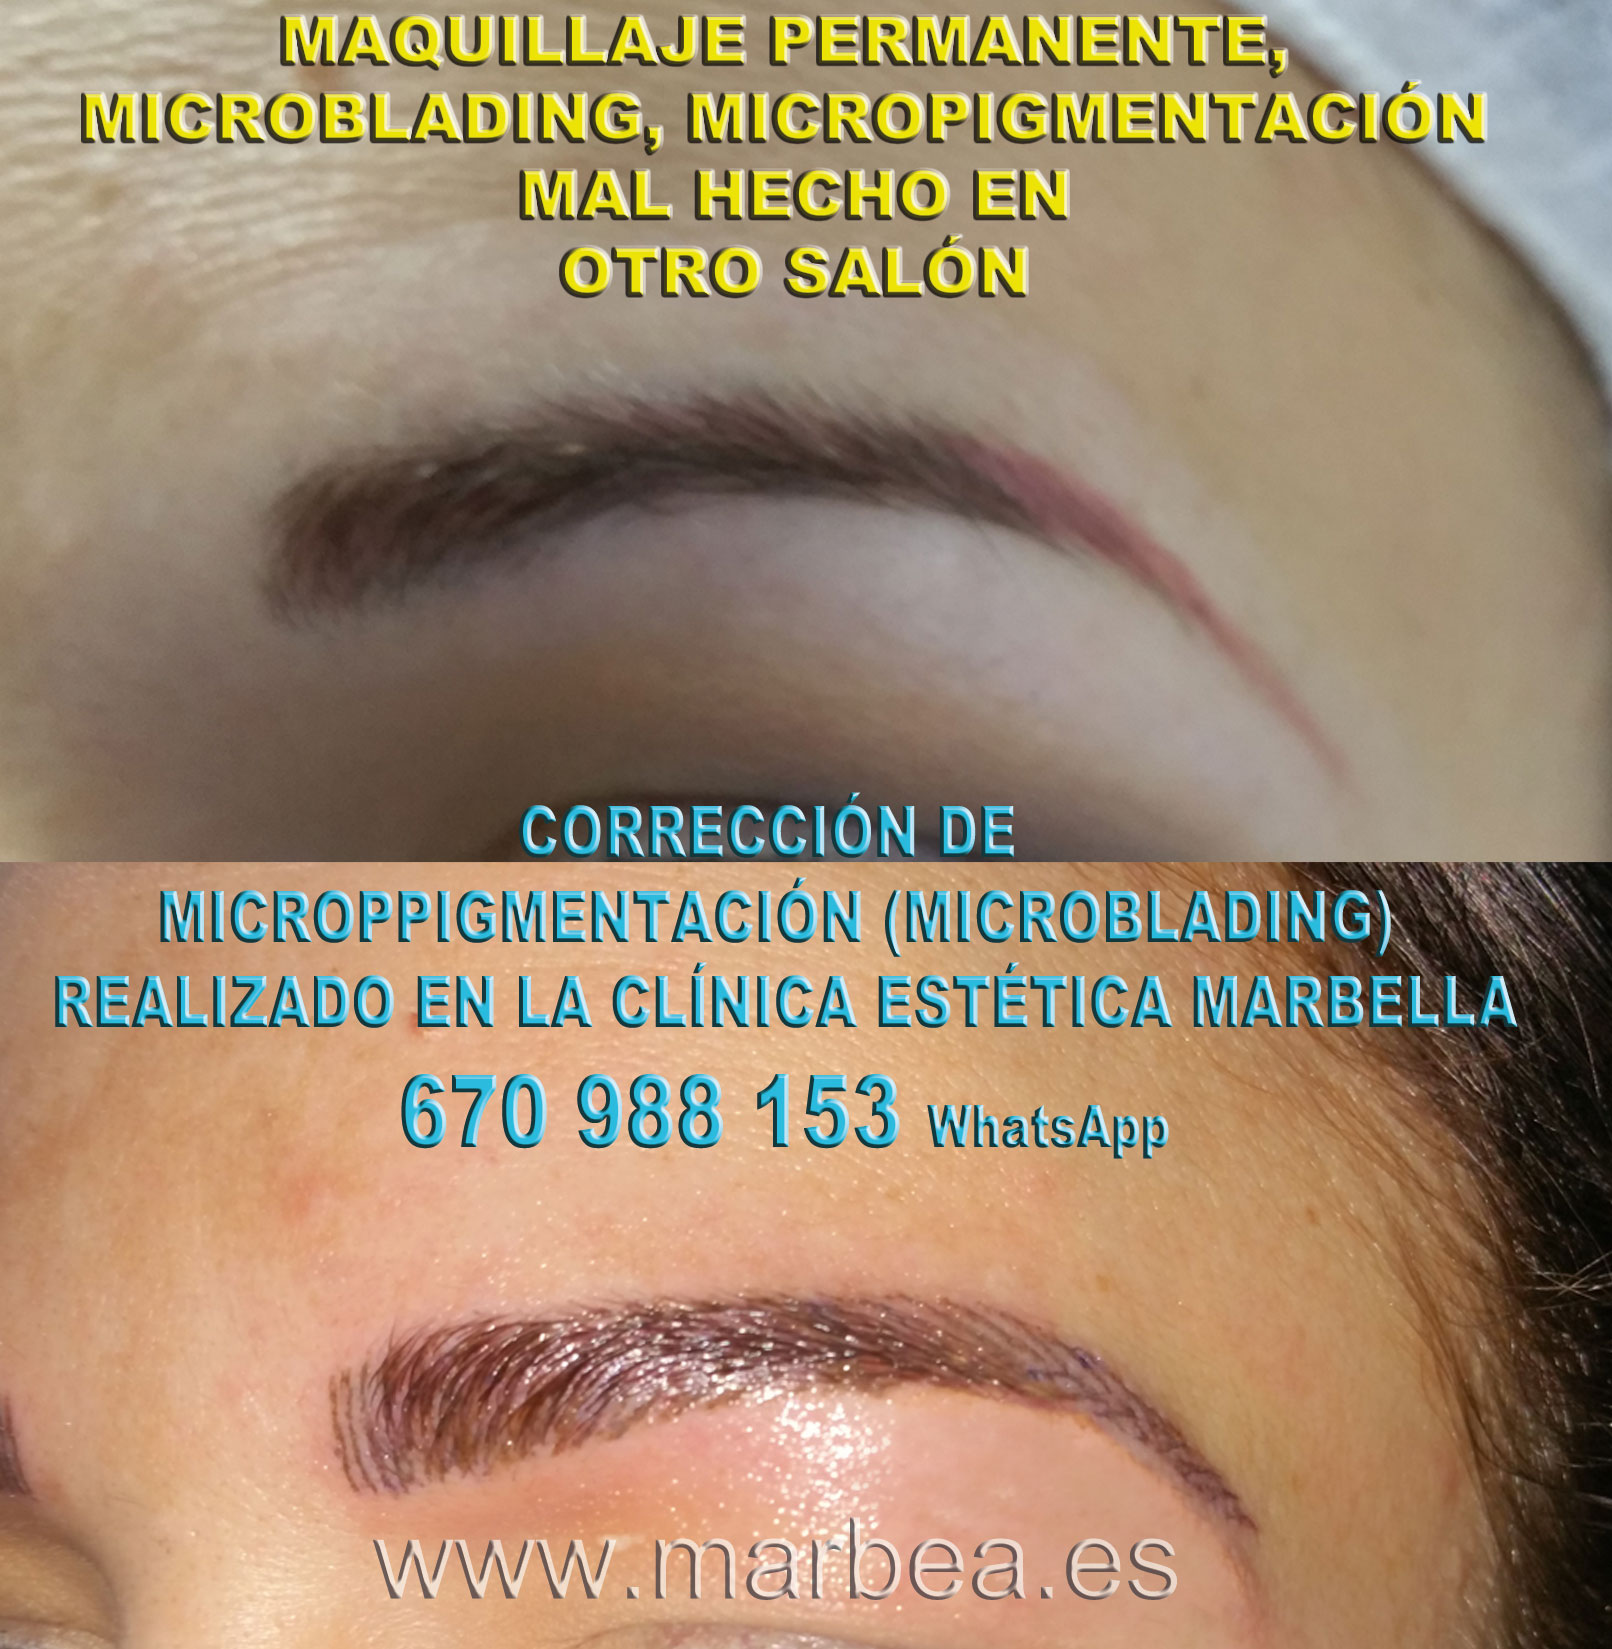 ELIMINAR MICROBLADING CEJAS clínica estética delineados entrega corrección de micropigmentación en cejas,corregir micropigmentación no deseada